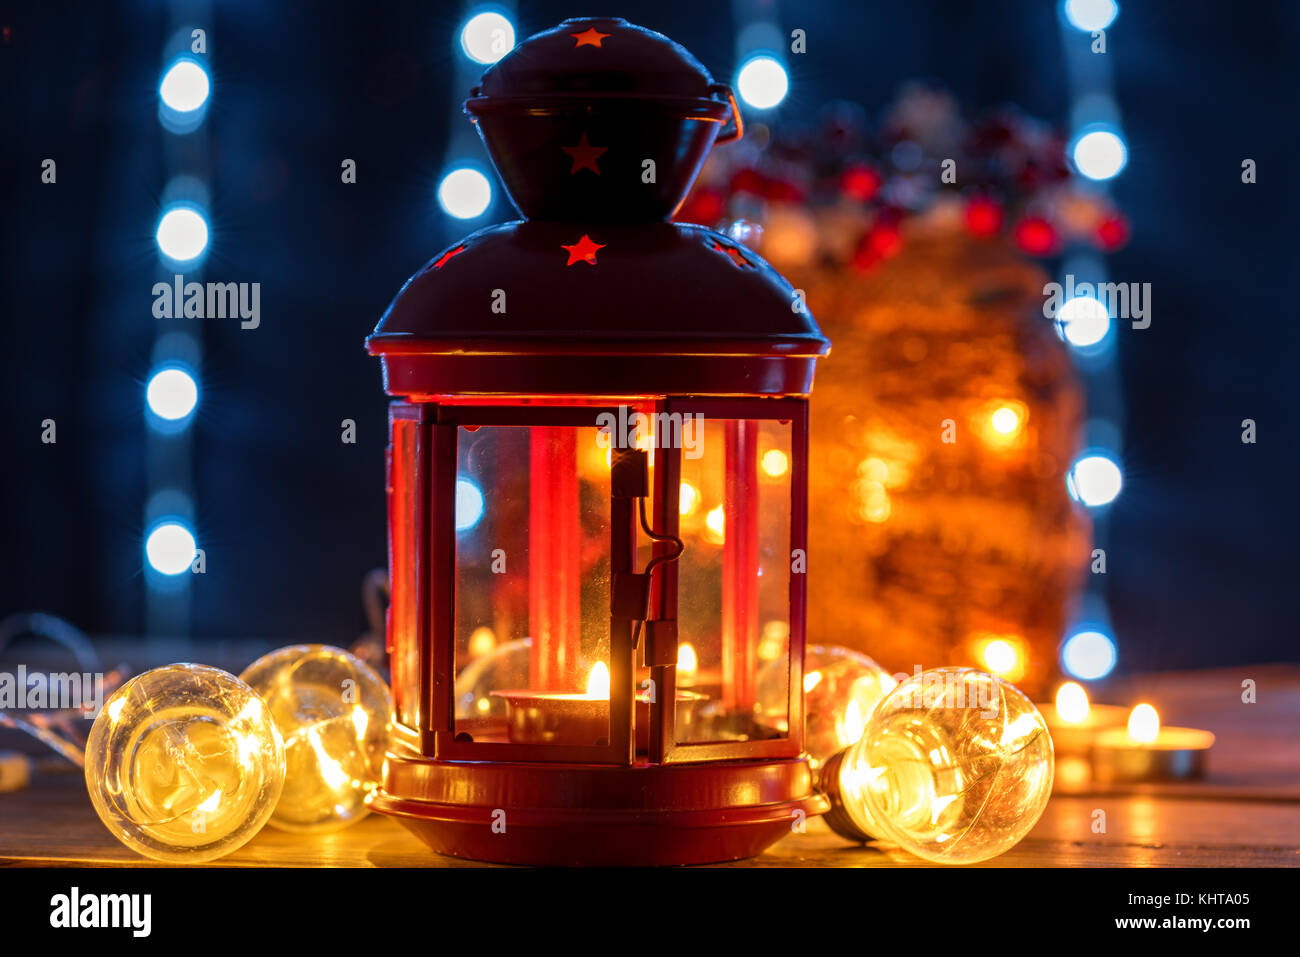 Weihnachten Laterne Mit Kerze Leuchtet Auf Defokussierten